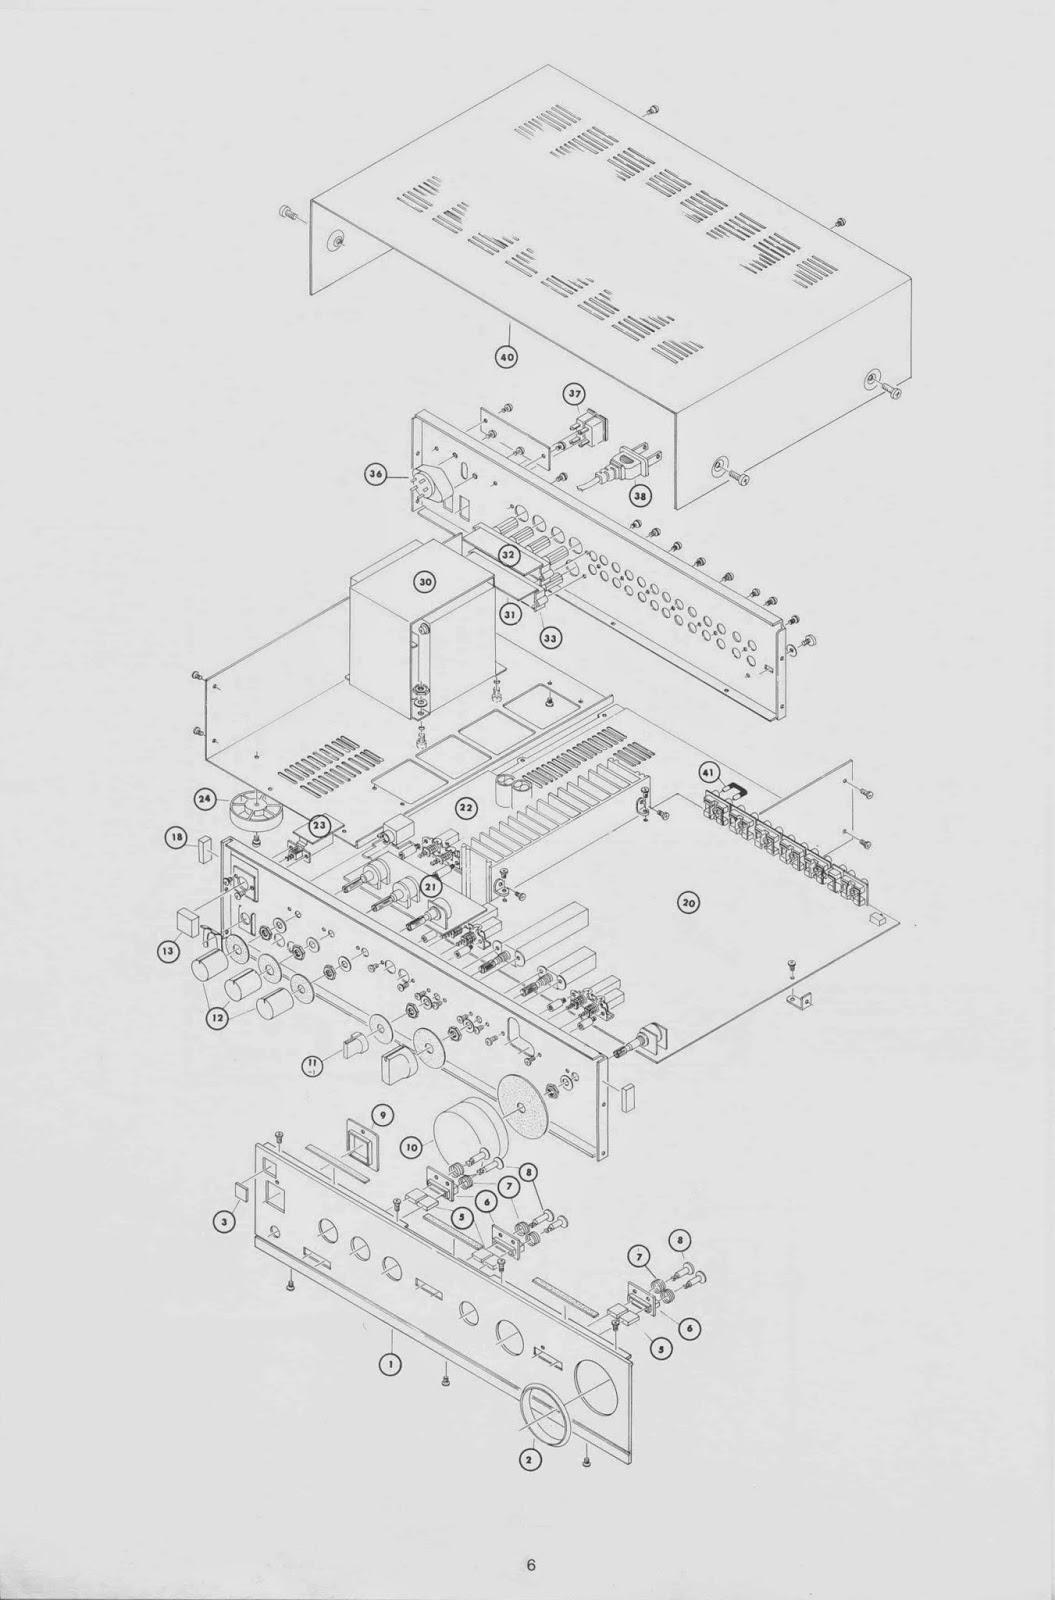 Infrequent Sound [sex.tex] technology: Dual CV-5650